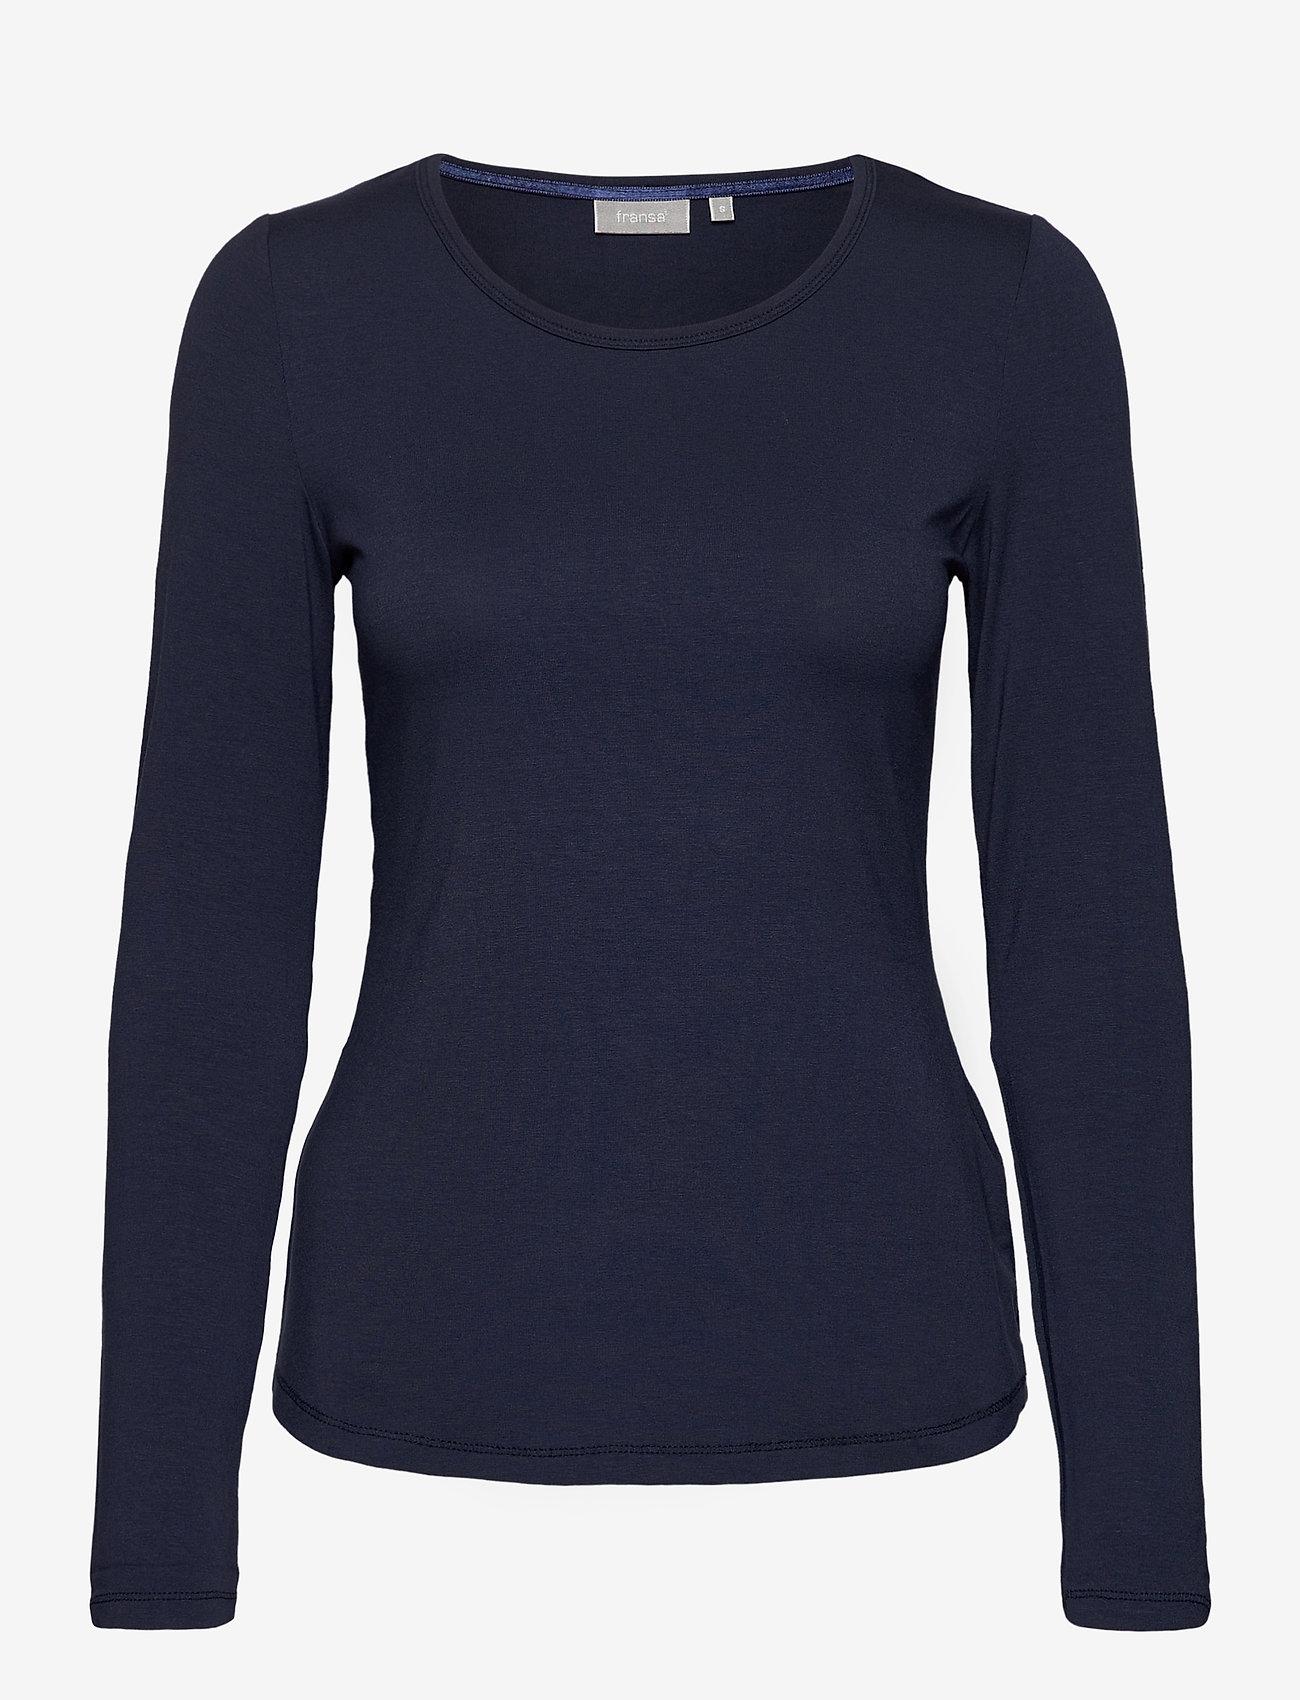 Fransa - Kasic 1 Tshirt - pitkähihaiset t-paidat - dark peacoat - 0